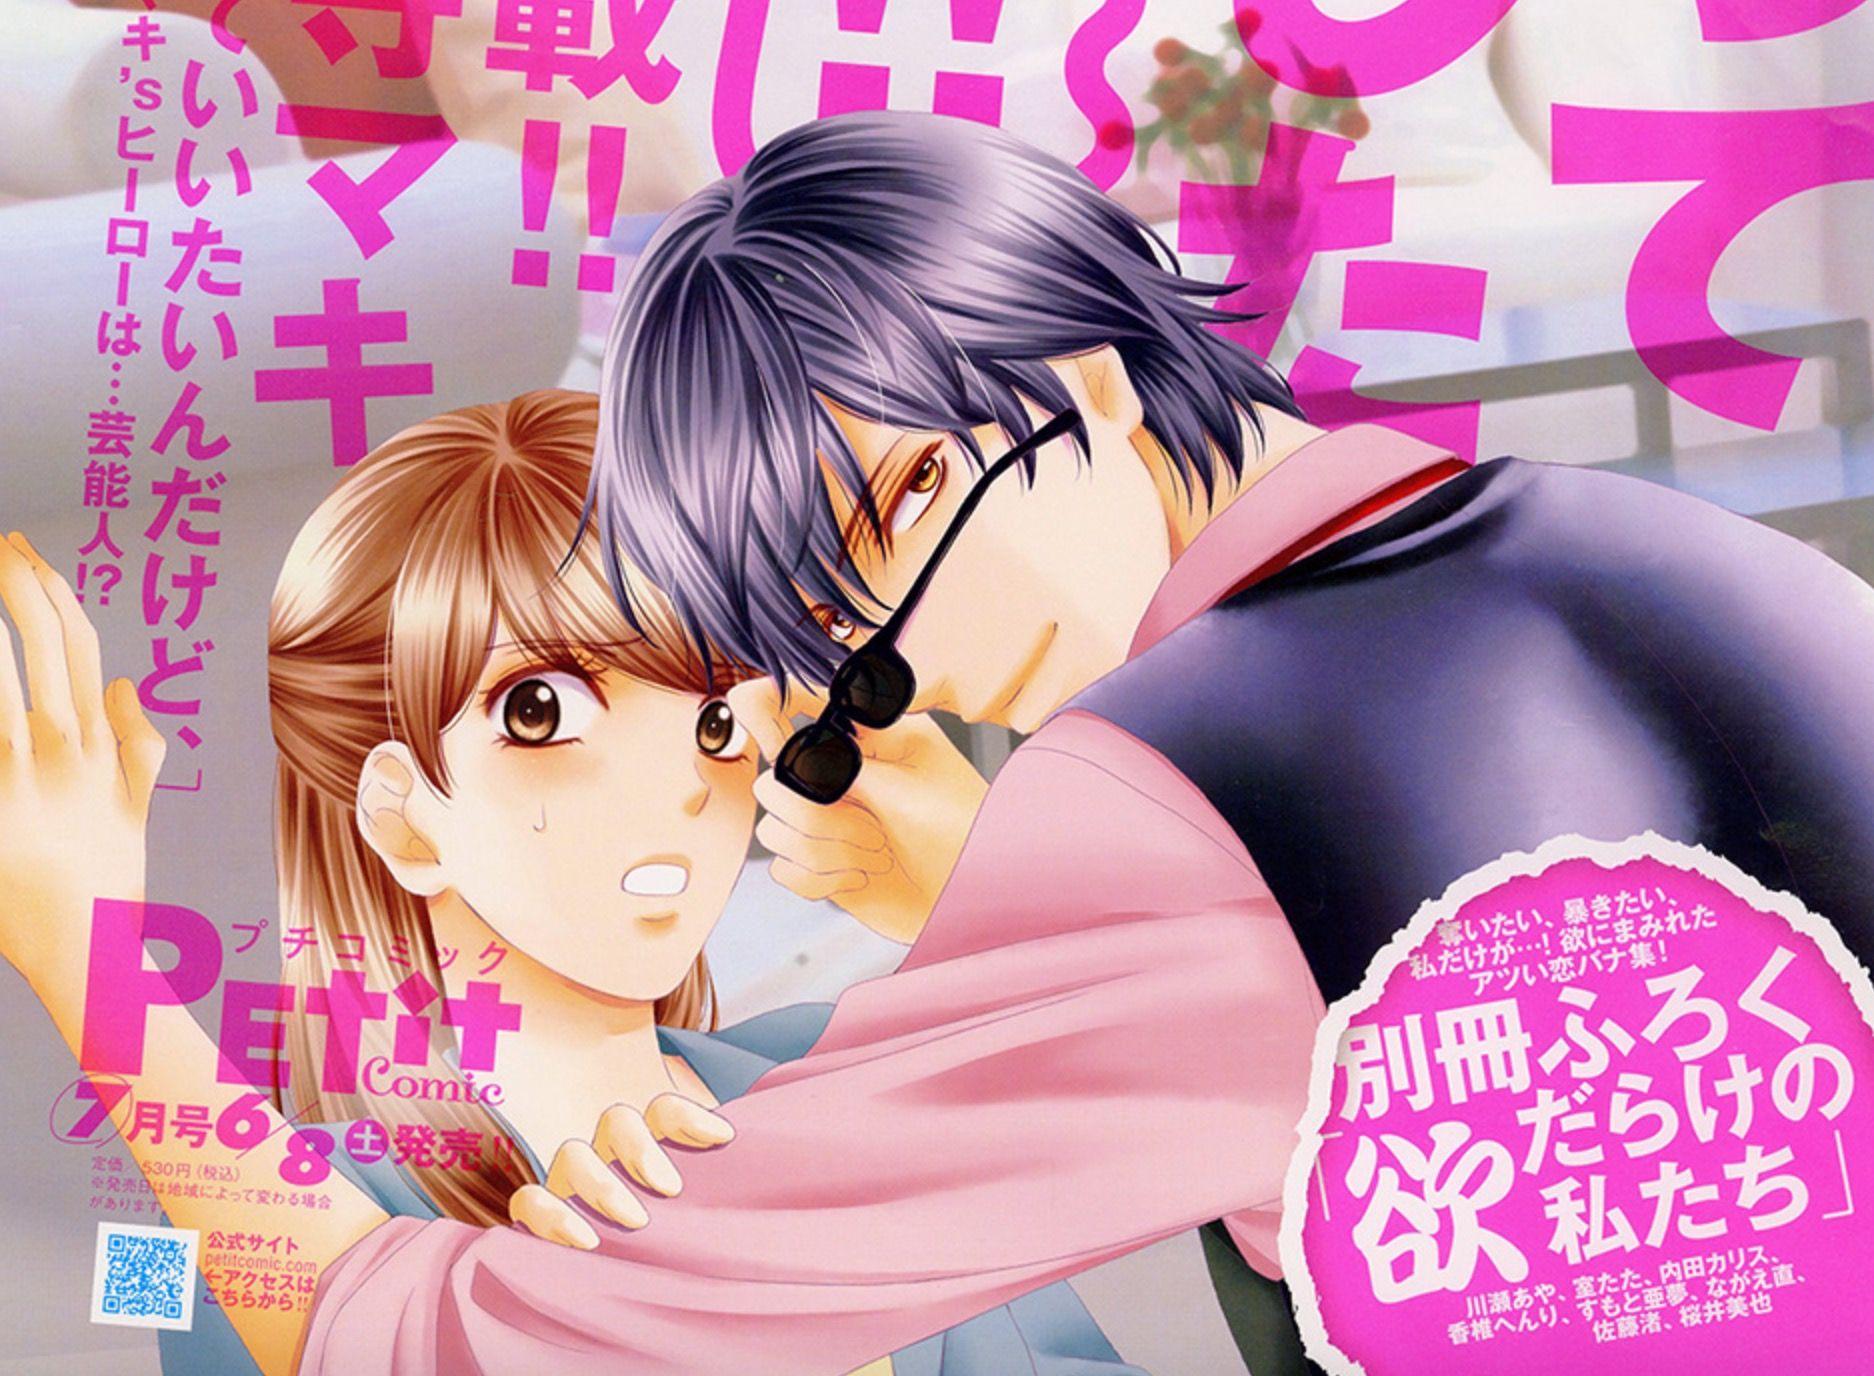 Une nouvelle série pour Maki Enjôji, 06 Juin 2019 - Manga news